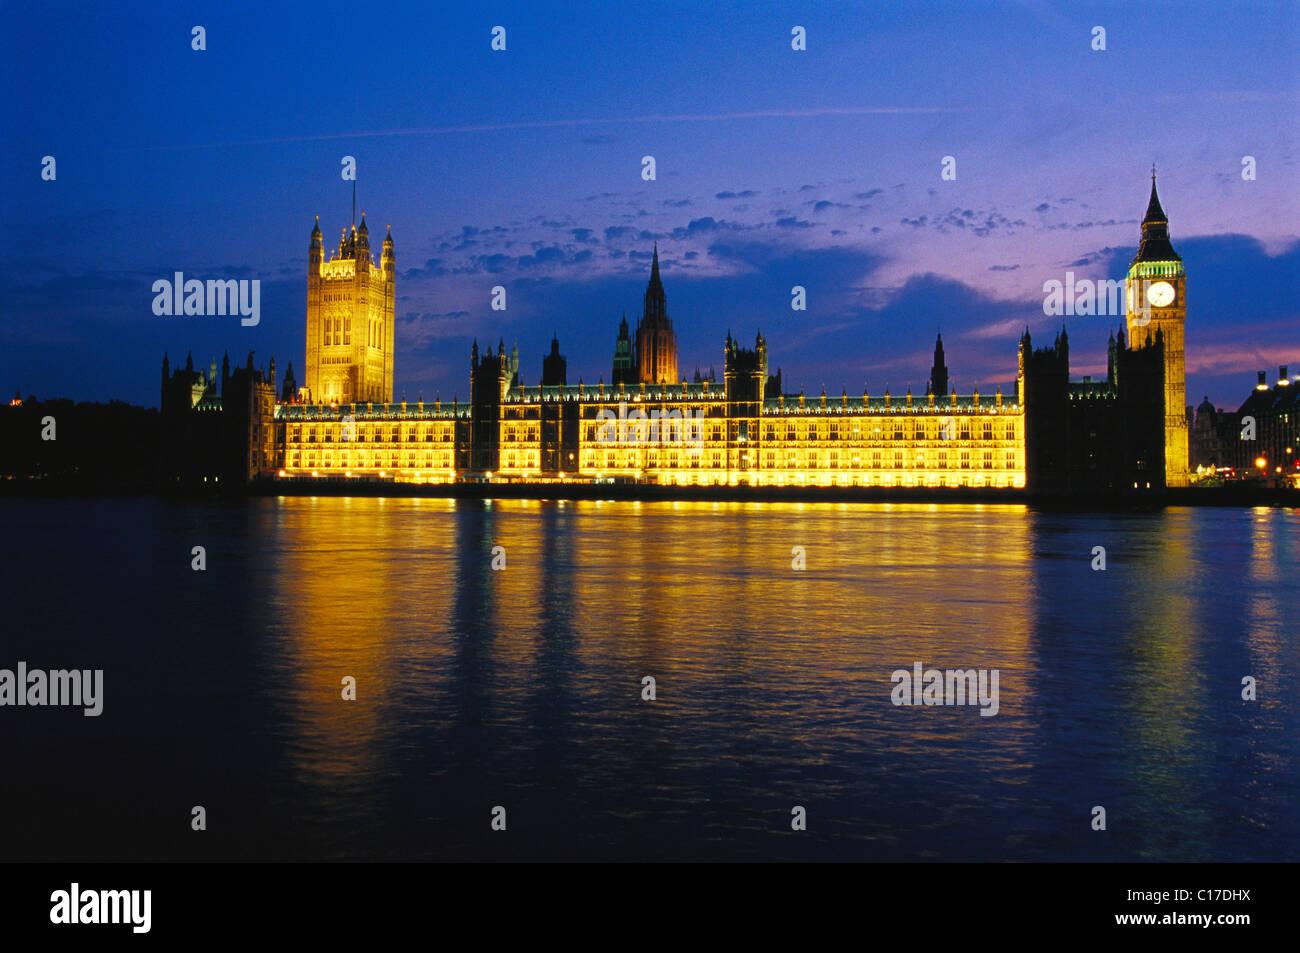 NPM-64542 : House of Parliament ; London ; UK United Kingdom England Europe - Stock Image